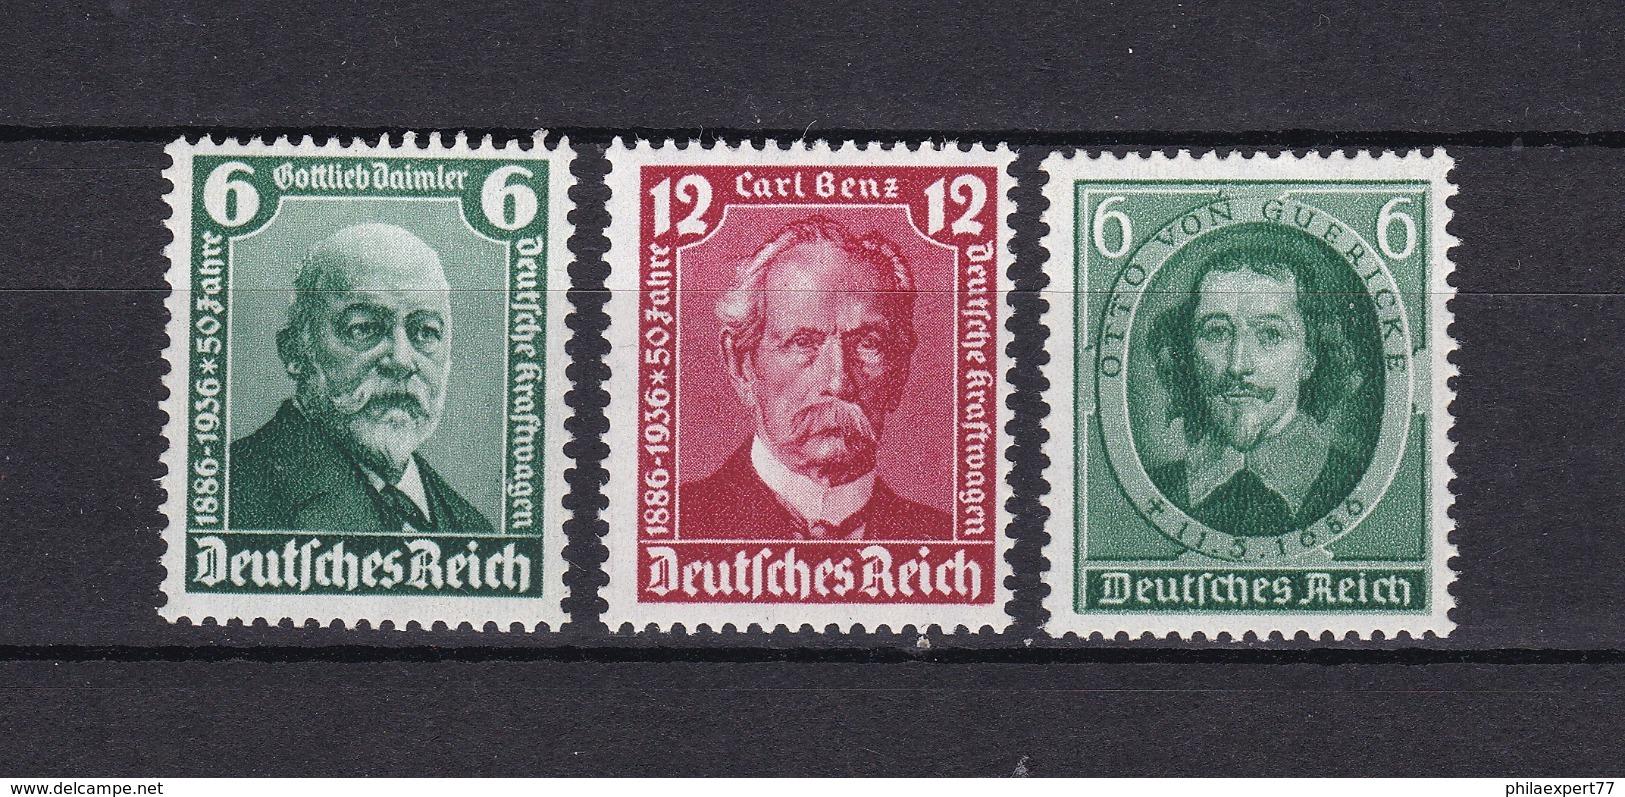 Deutsches Reich - 1936 - Michel Nr. 604/605+608 - Postfrisch - 17 Euro - Germany